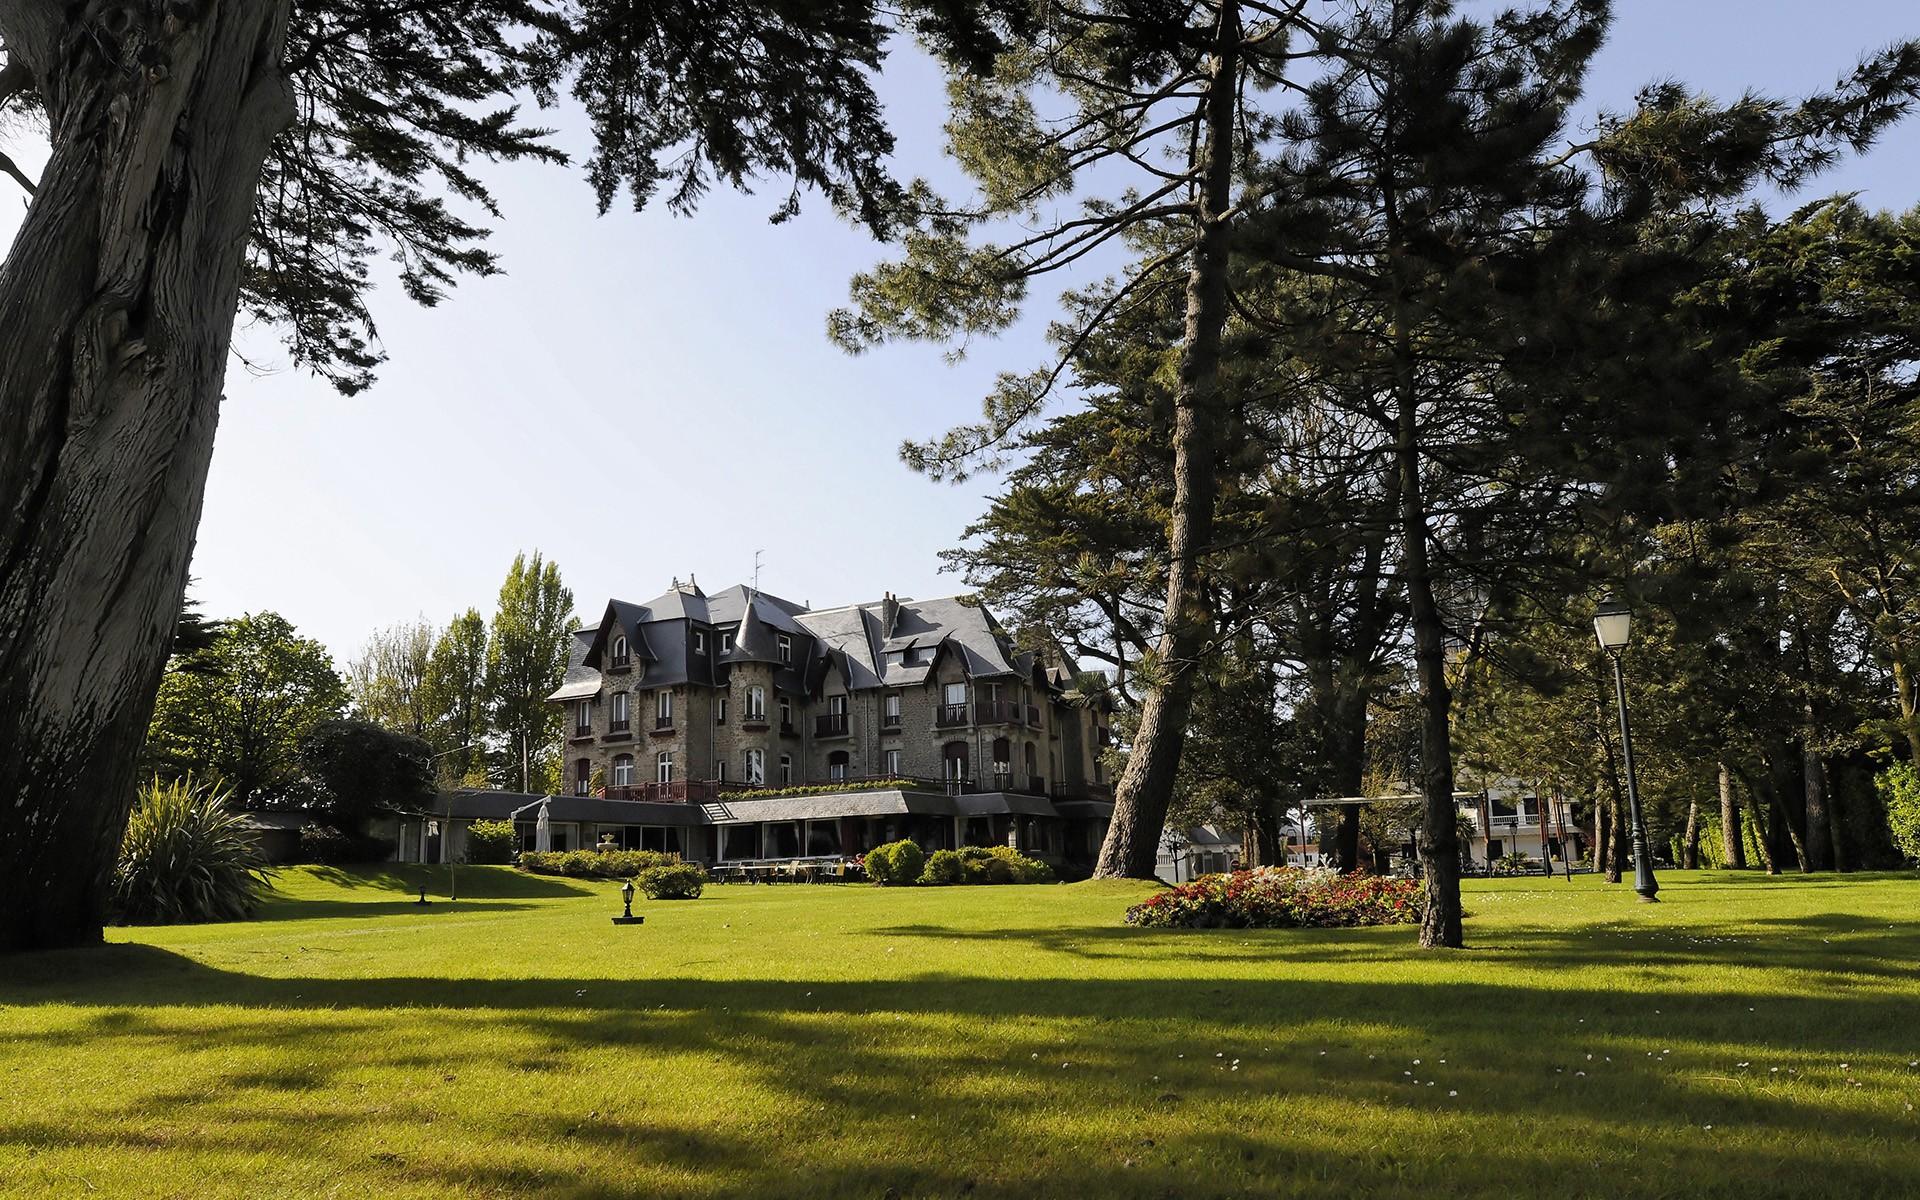 Castel Marie Louise Luxushotel und Gourmetrestaurant am Meer La